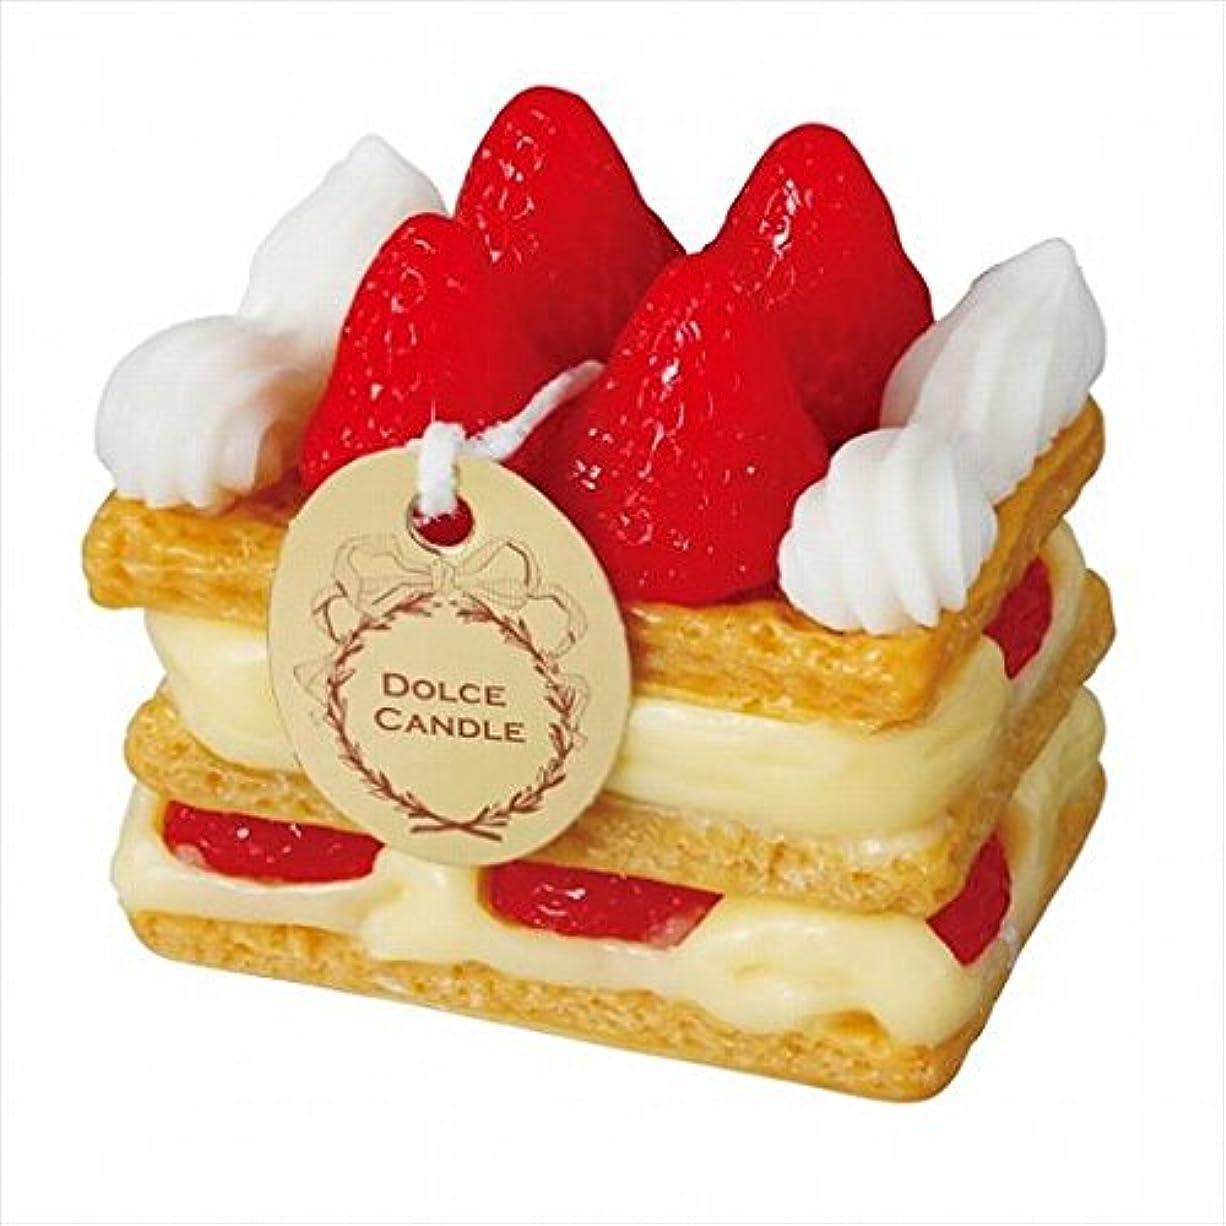 ゲージ偉業コメントスイーツキャンドル( sweets candle ) ドルチェキャンドル 「 ミルフィーユ 」 キャンドル